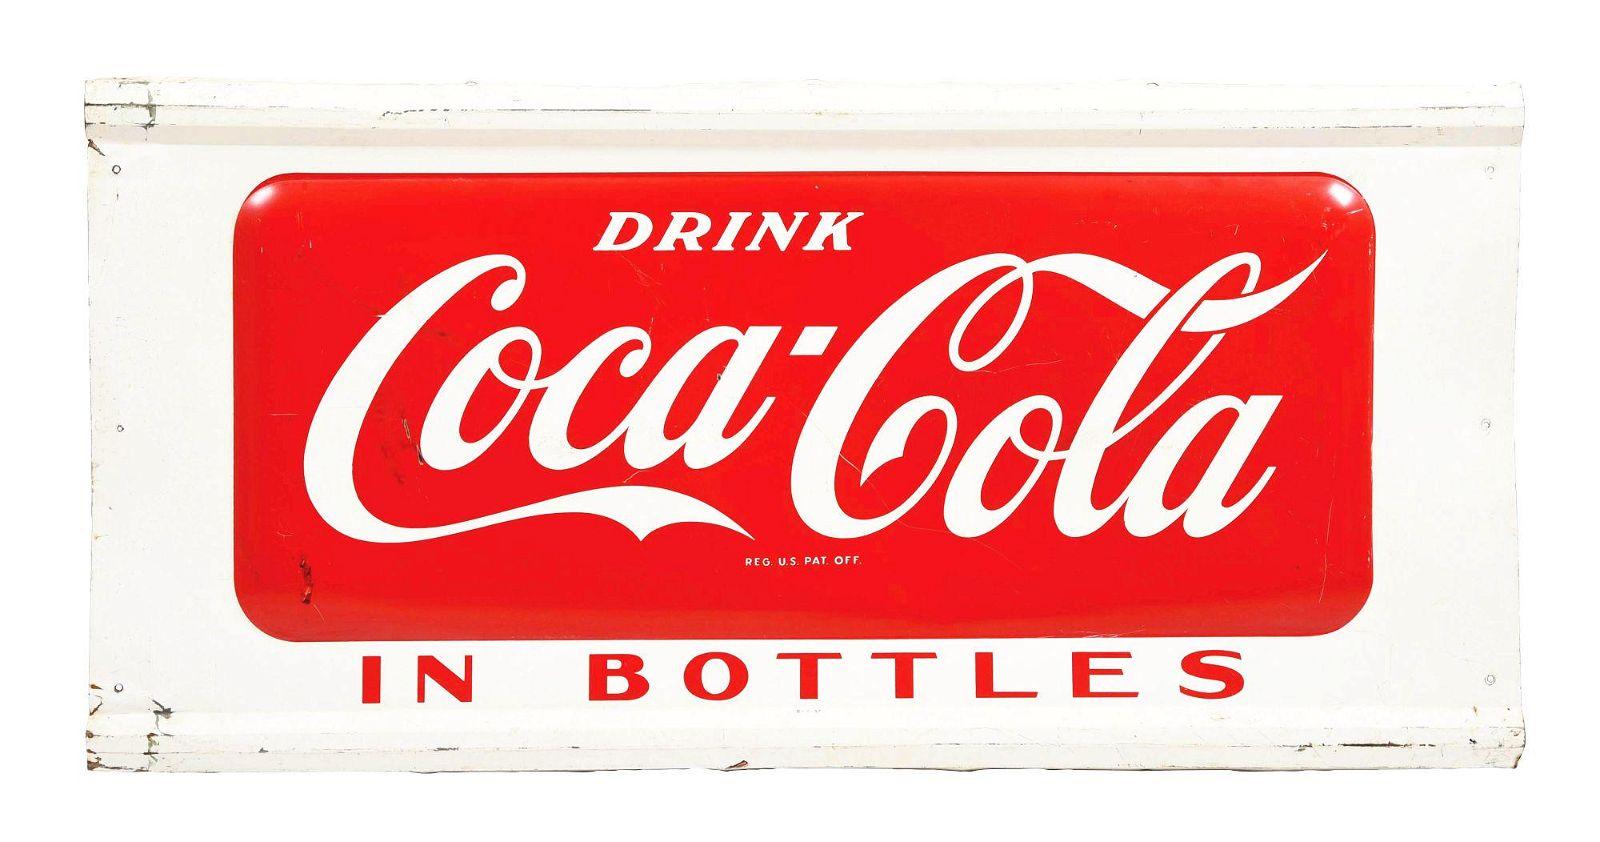 DRINK COCA-COLA IN BOTTLES SIGN.